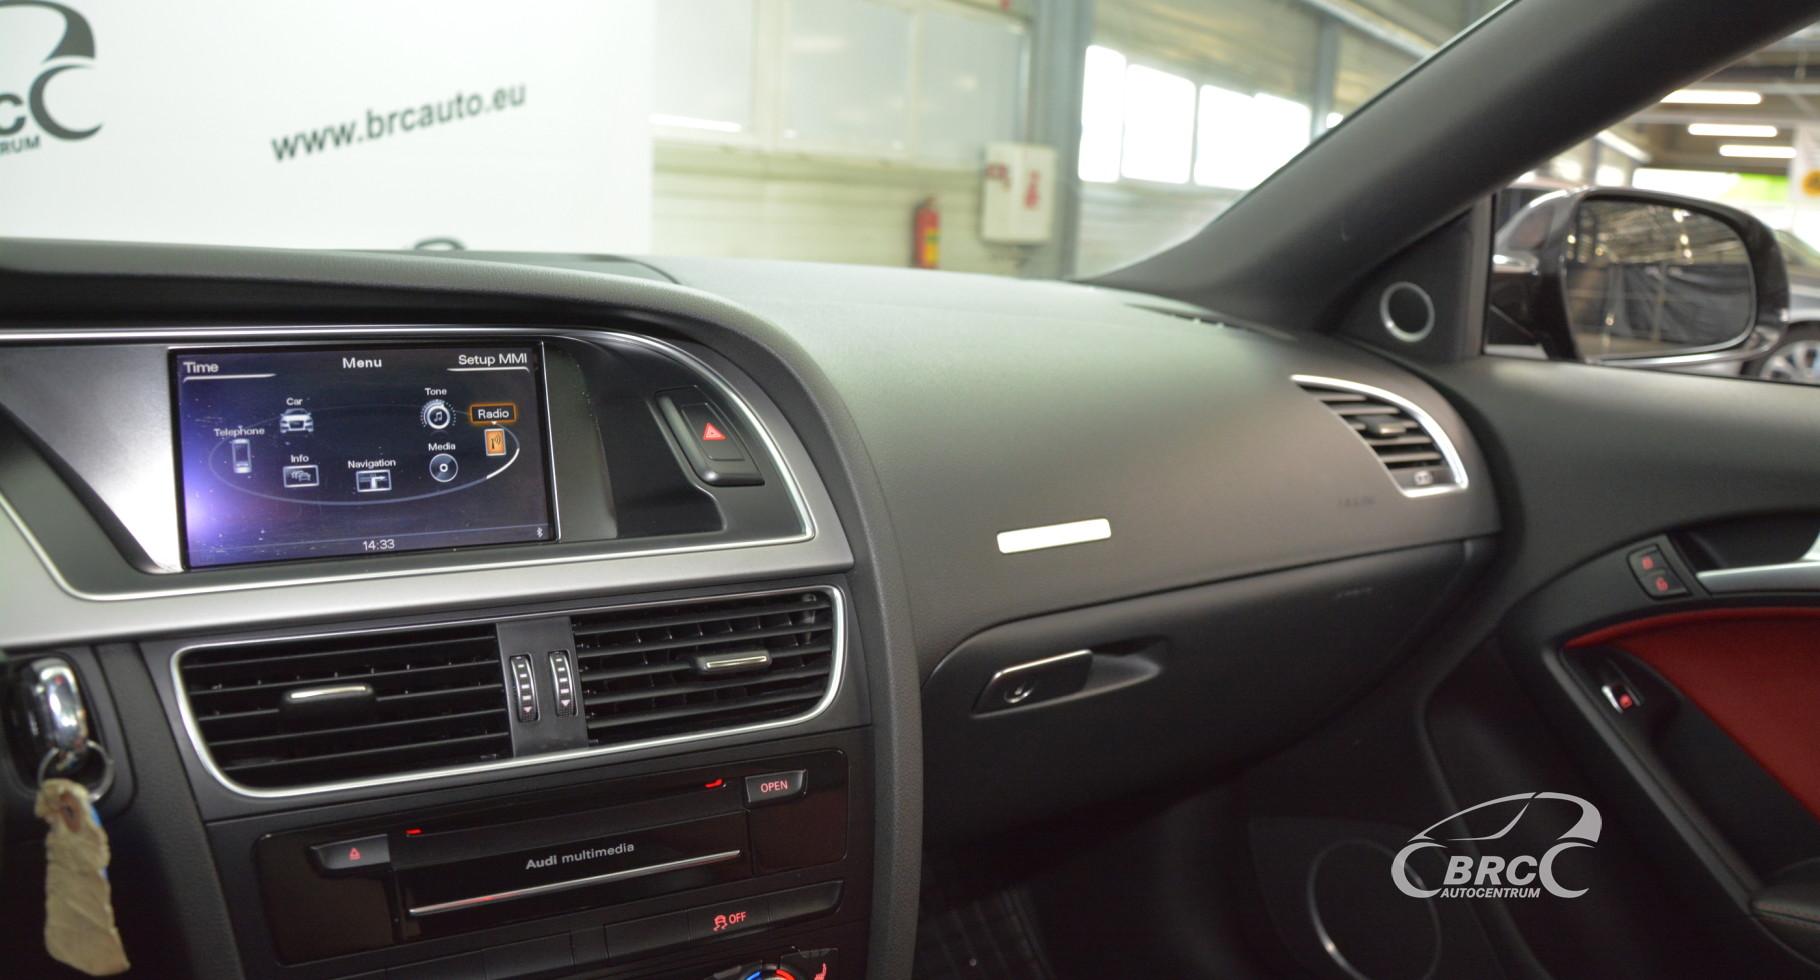 Audi S5 3.0 TFSI V6 Coupe Quattro